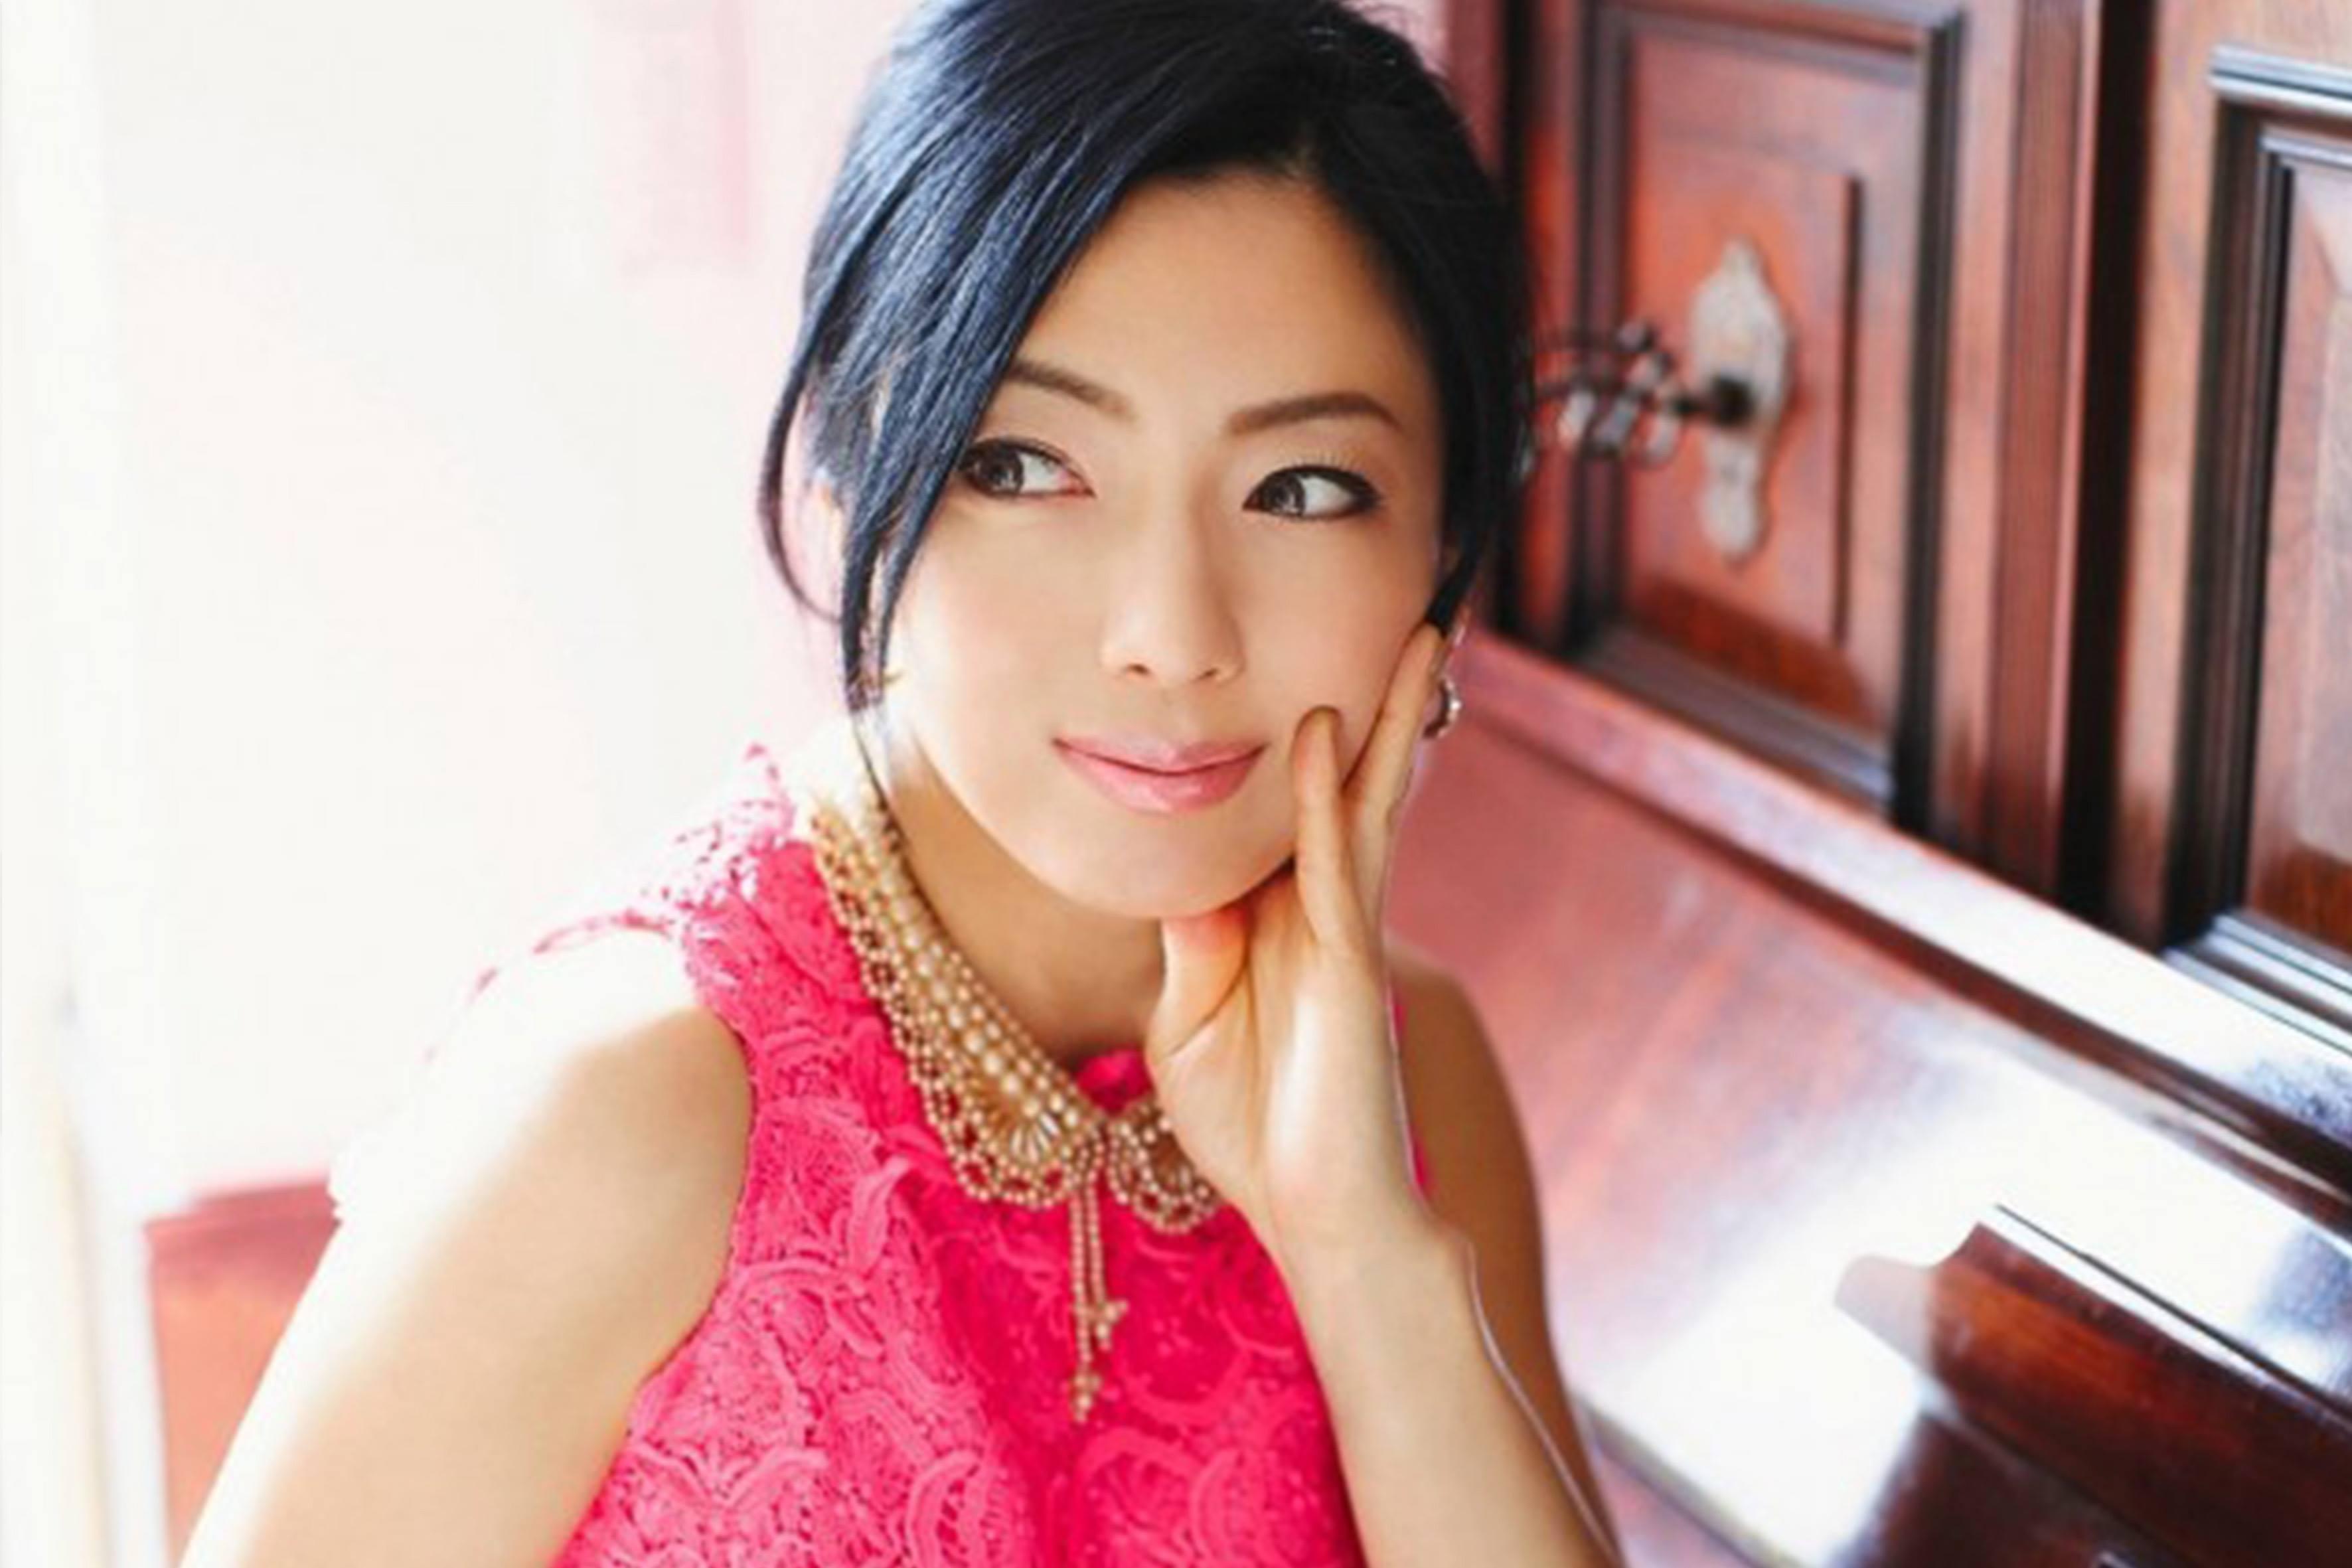 מוזיקה בתנועה /// ראיון עם הפסנתרנית צ'יהירו ימאנקה לקראת הופעותיה בארץ